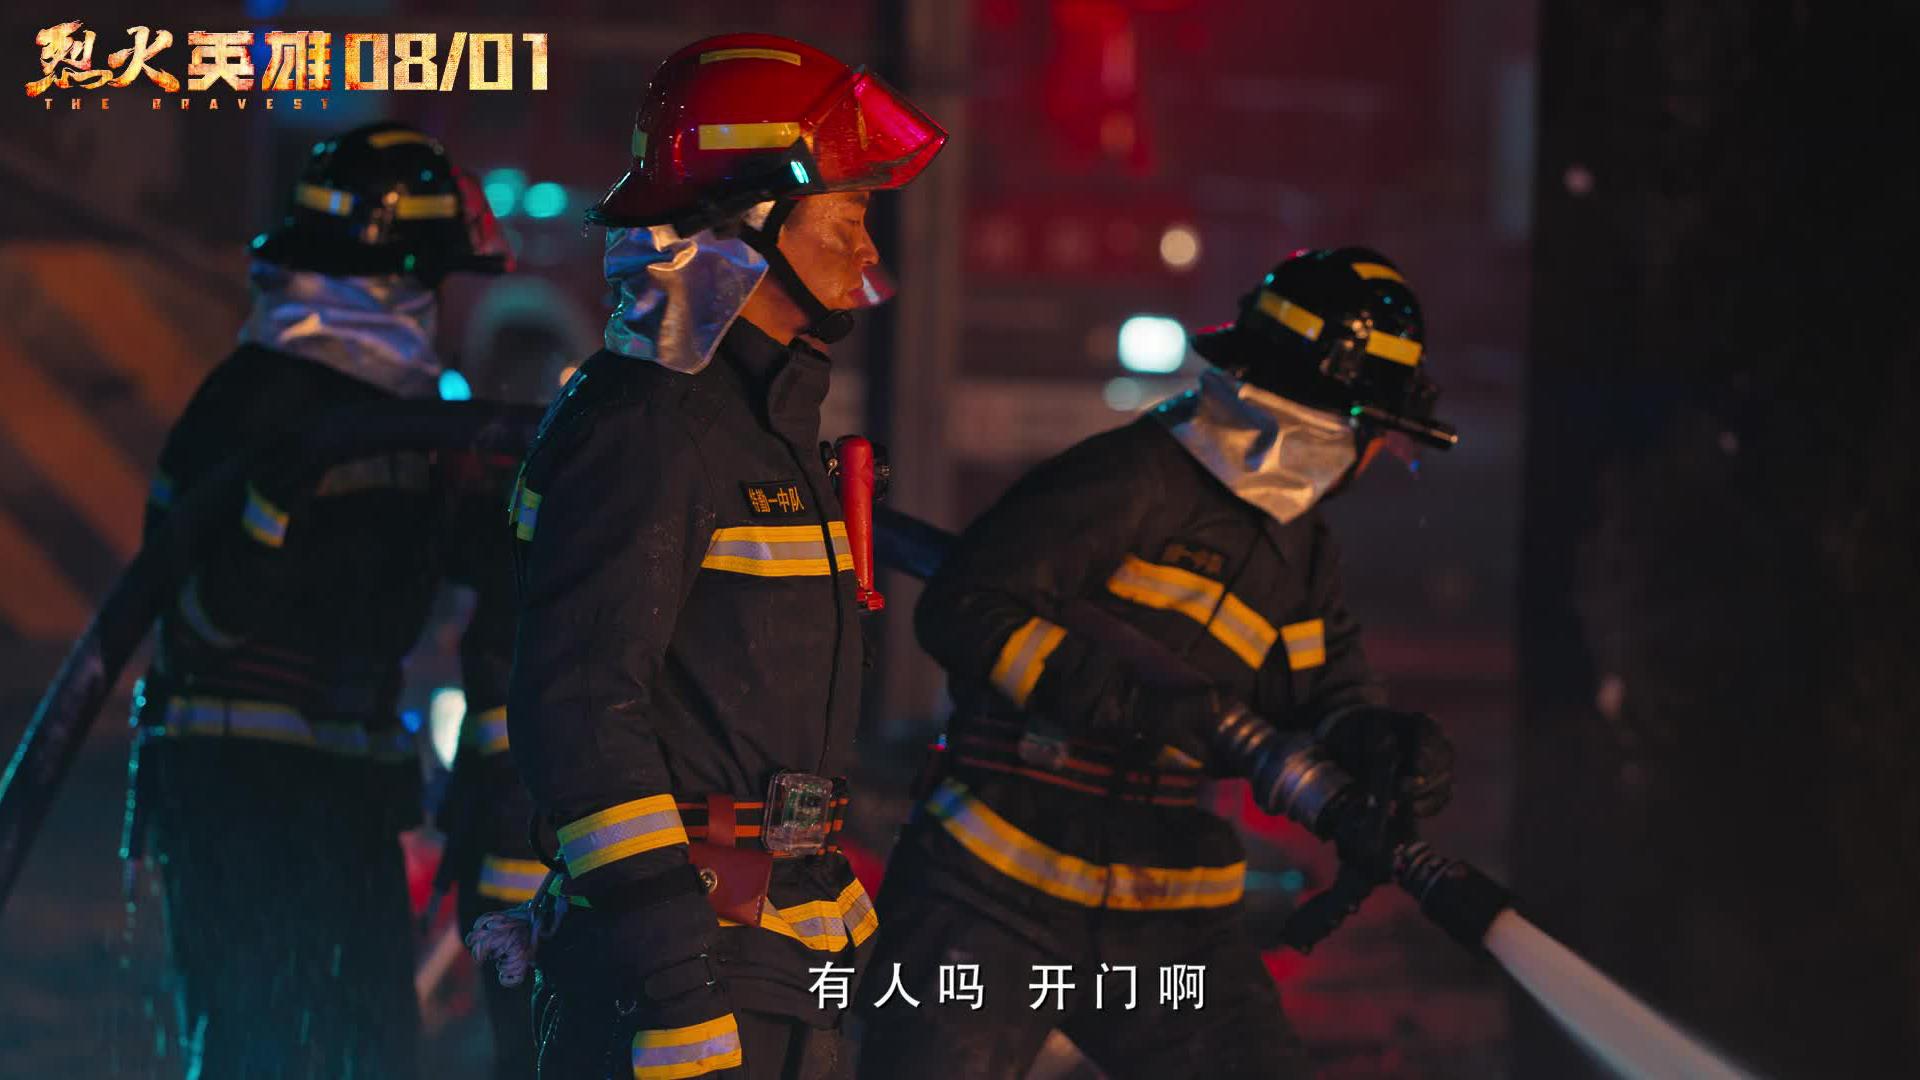 《烈火英雄》有我必胜版预告片